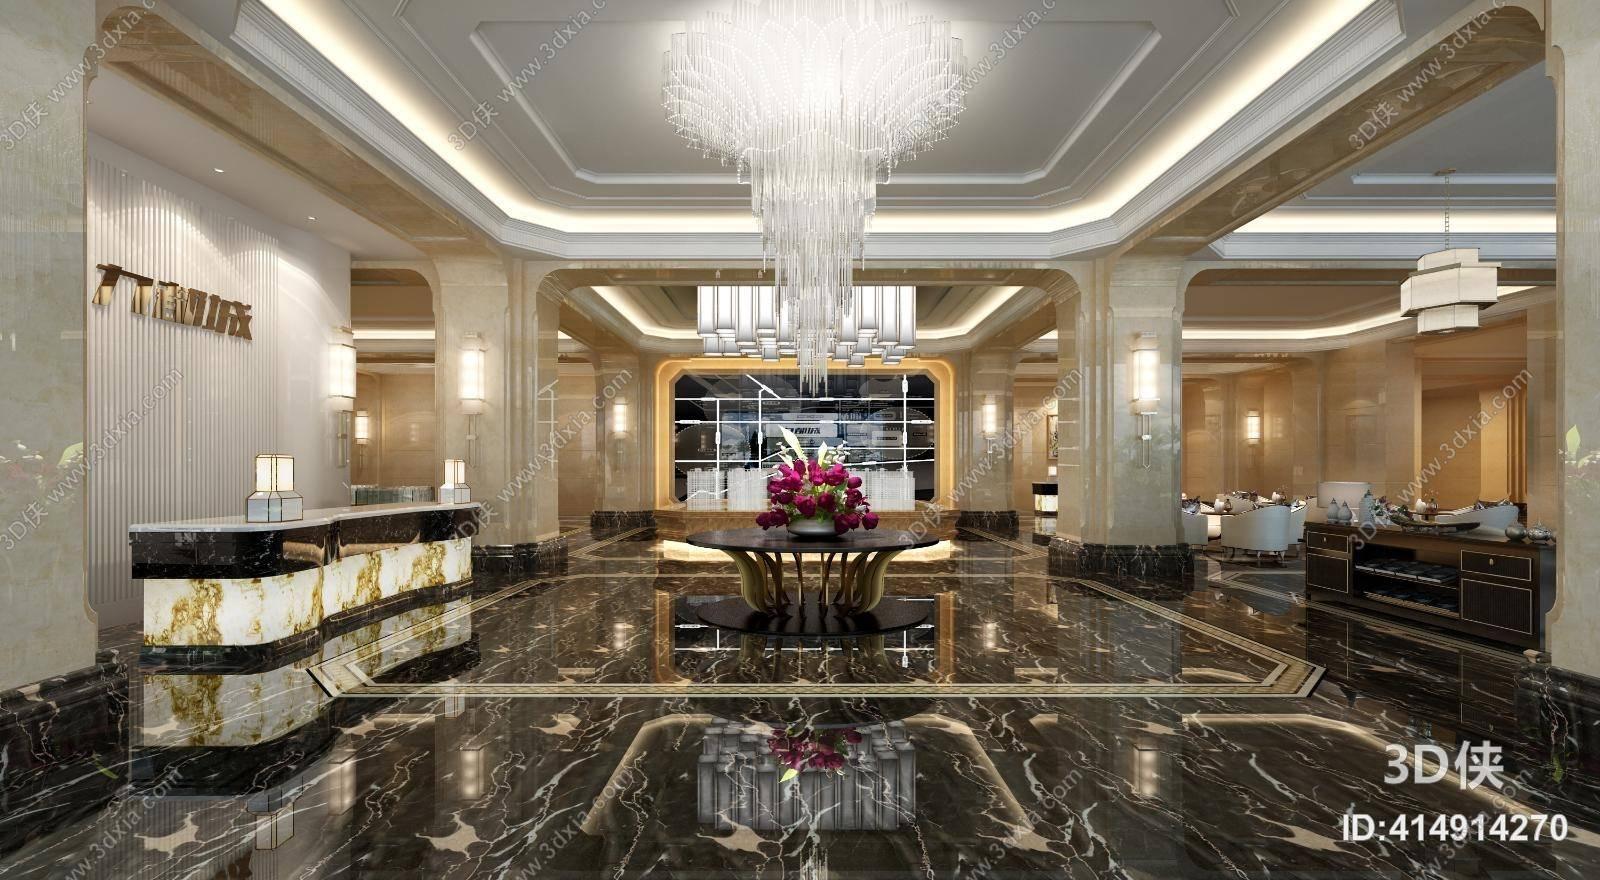 酒店大堂效果图素材免费下载,本作品主题是经典欧式酒店大堂 现代玻璃